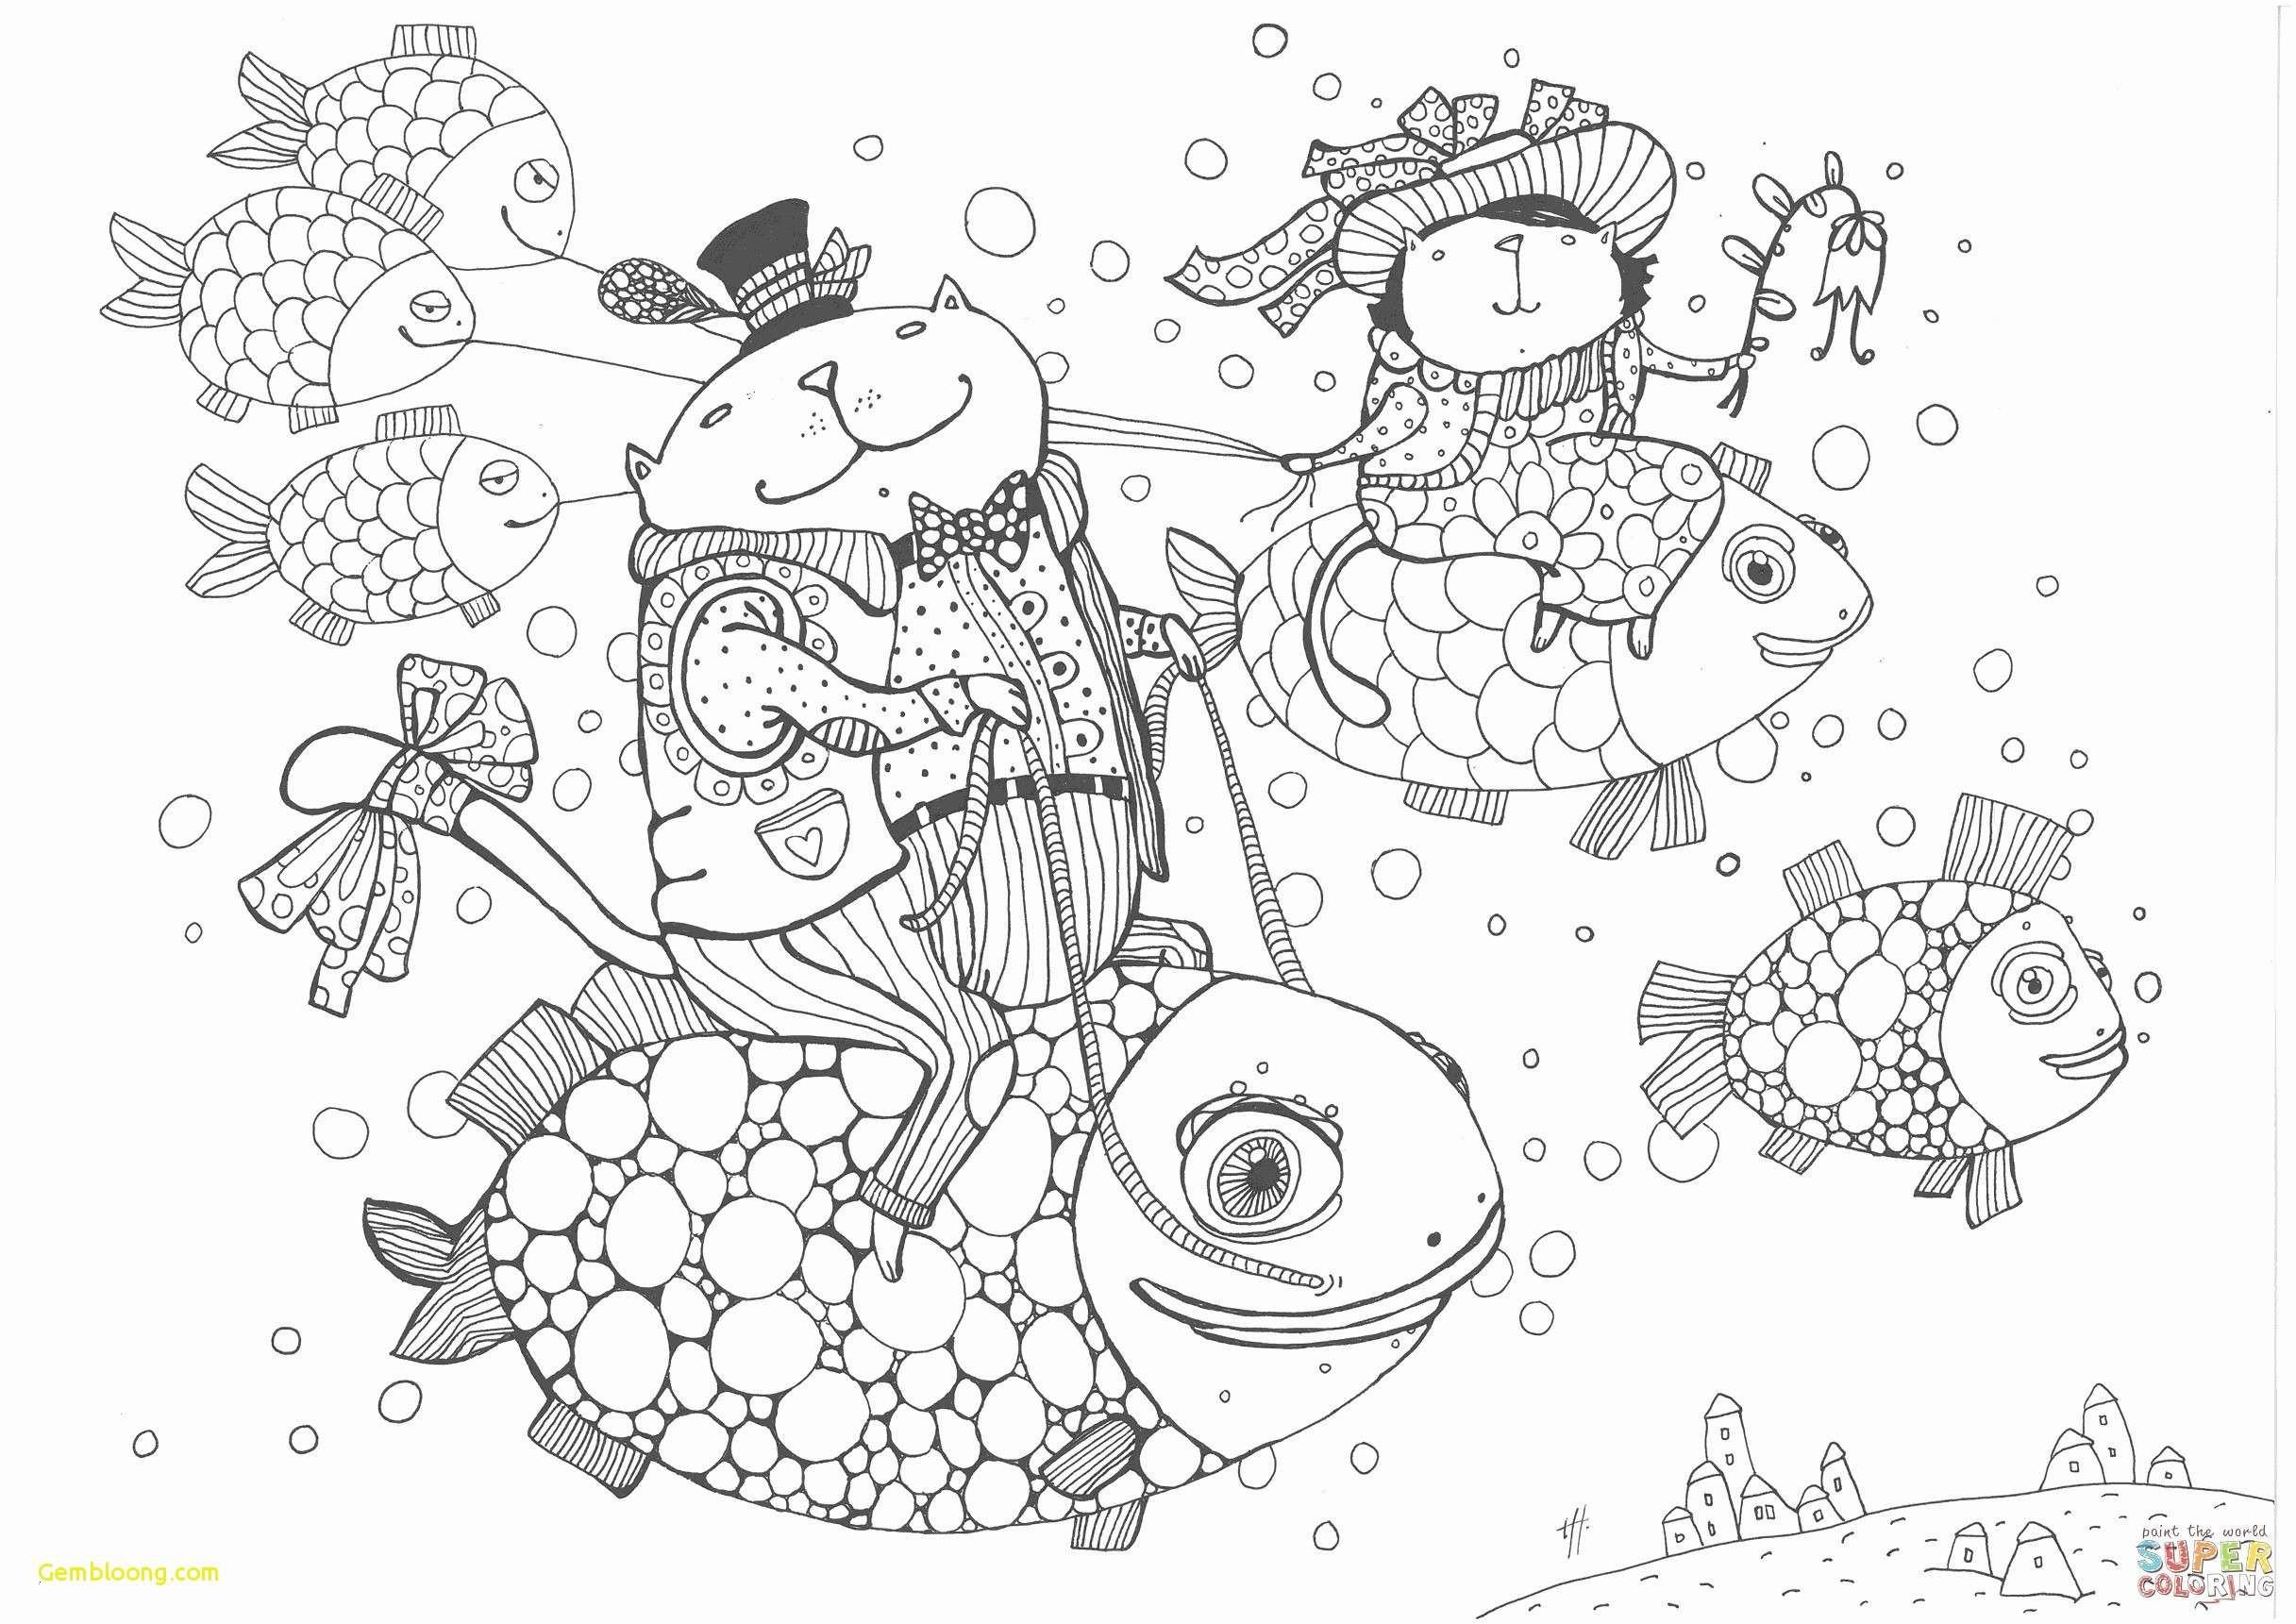 Pippi Langstrumpf Malvorlage Inspirierend 35 Malvorlagen Maus Scoredatscore Genial Pippi Langstrumpf Fotos